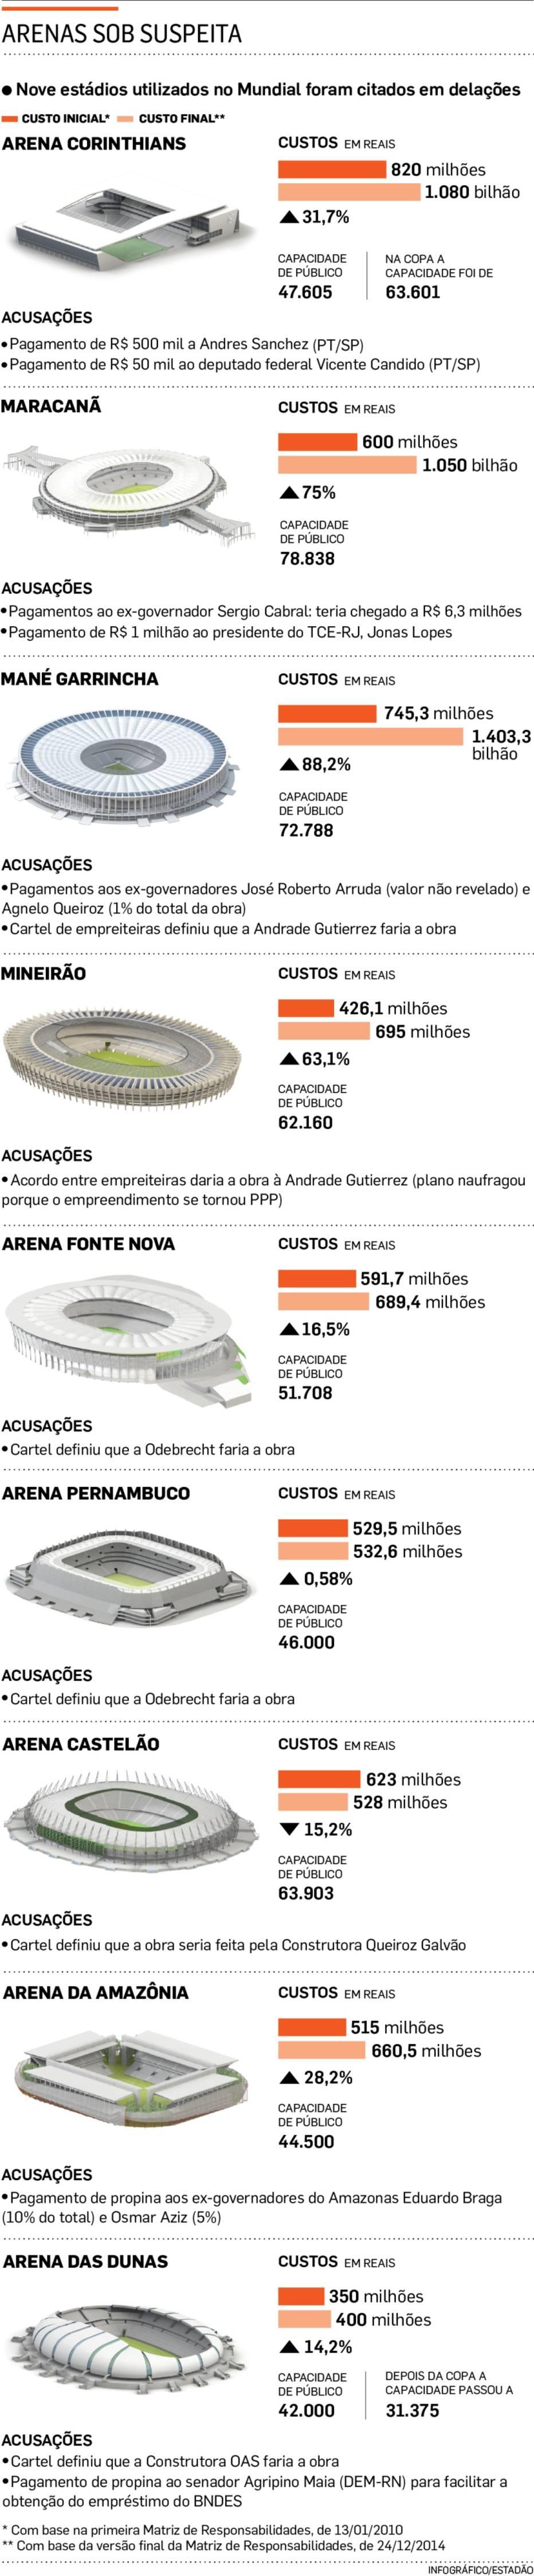 Infográfico mostra arenas construídas para o Mundial.  Foto: Arte|Estadão